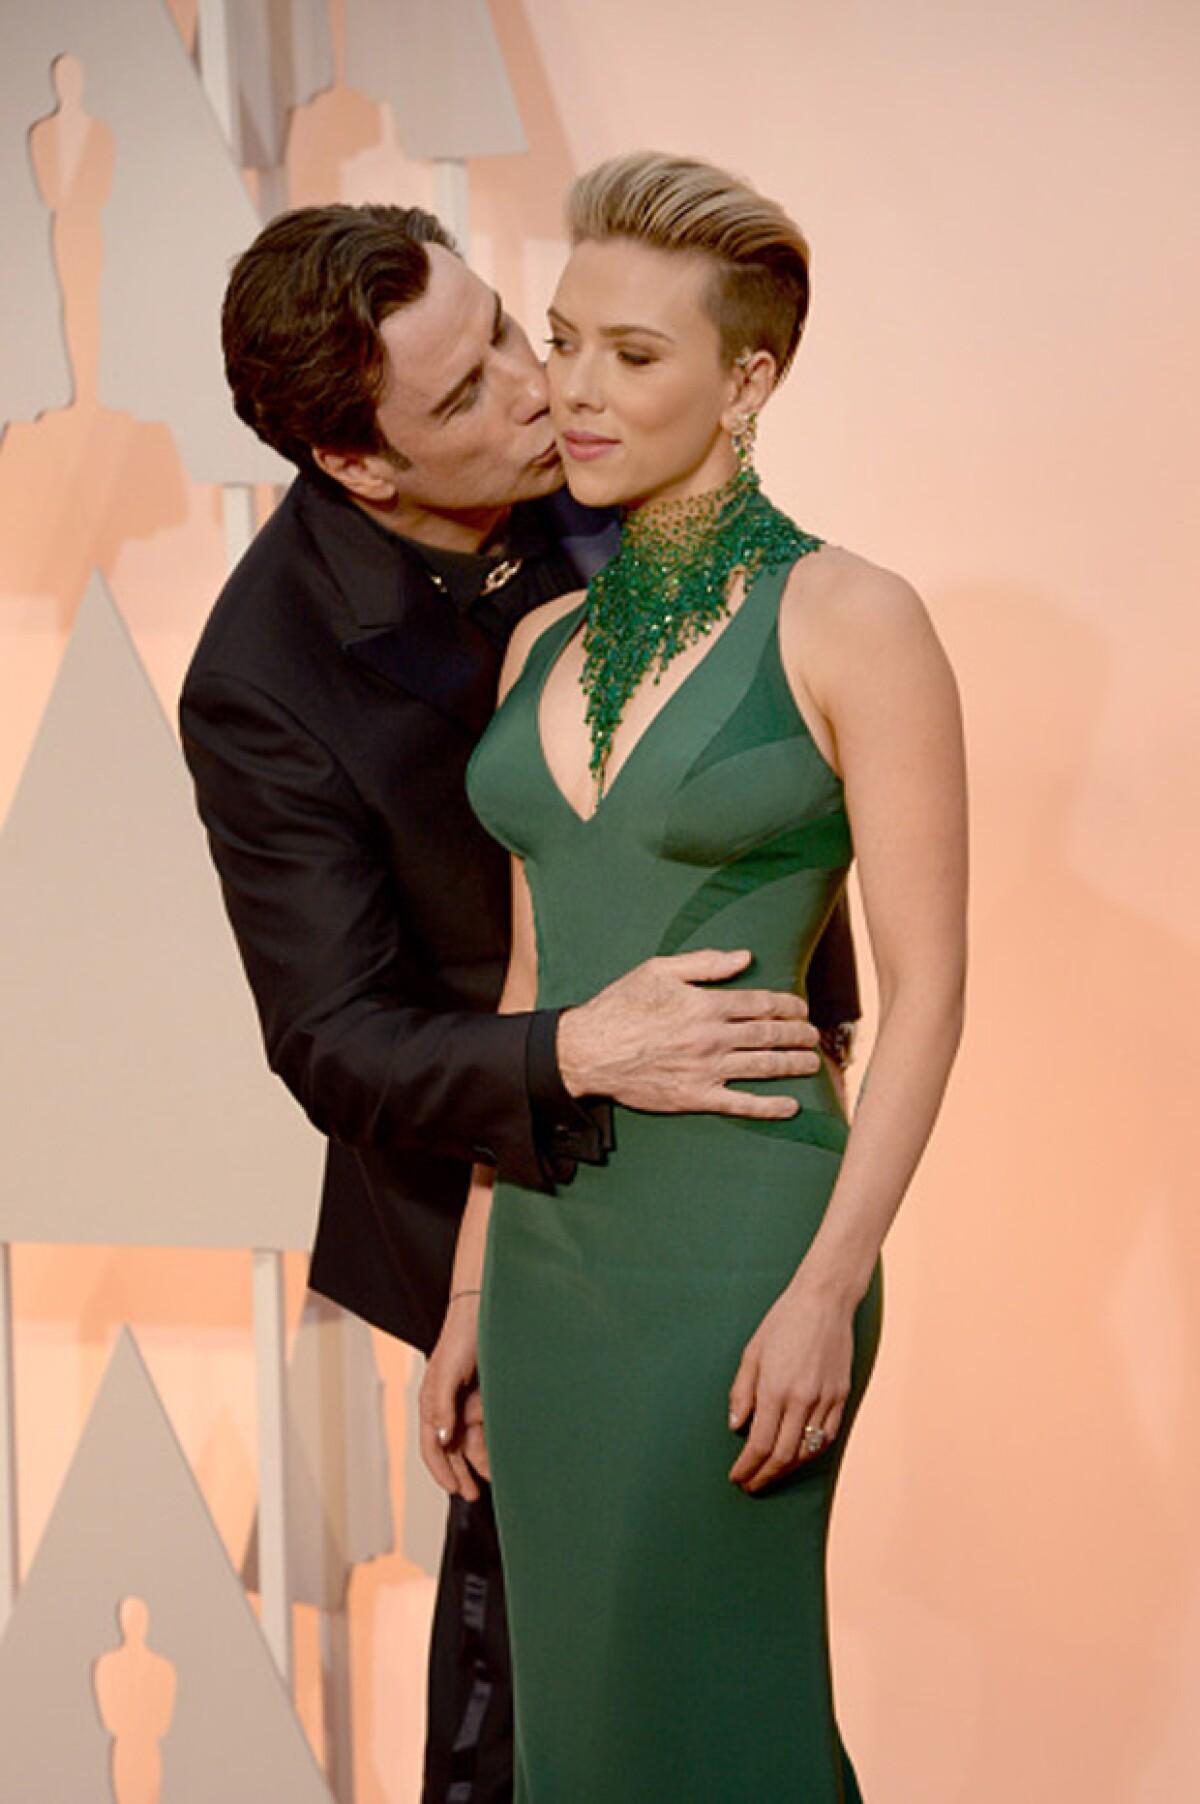 Finalmente Scarlett Johansson habla sobre el beso incómodo de Travolta